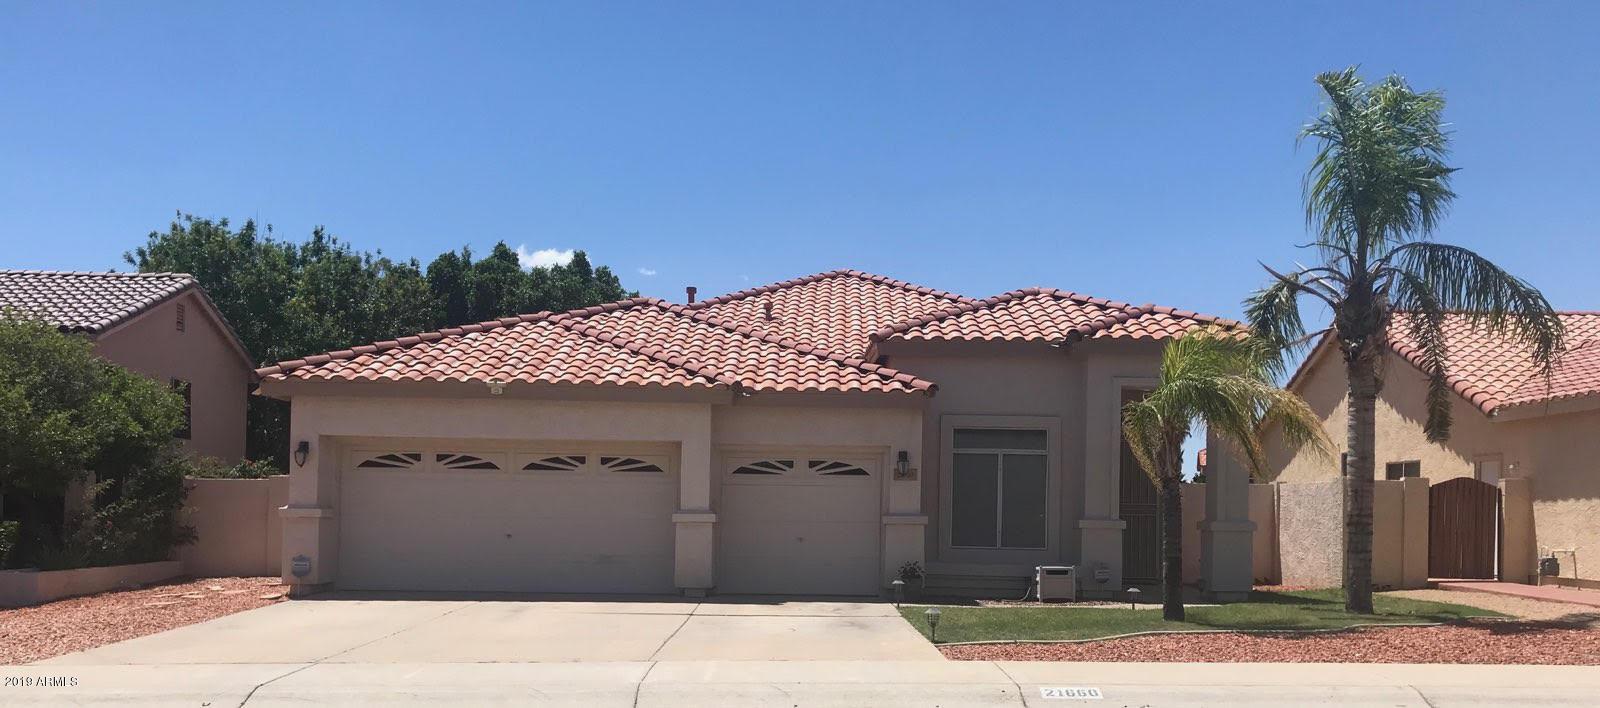 Photo of 21660 N 59TH Lane, Glendale, AZ 85308